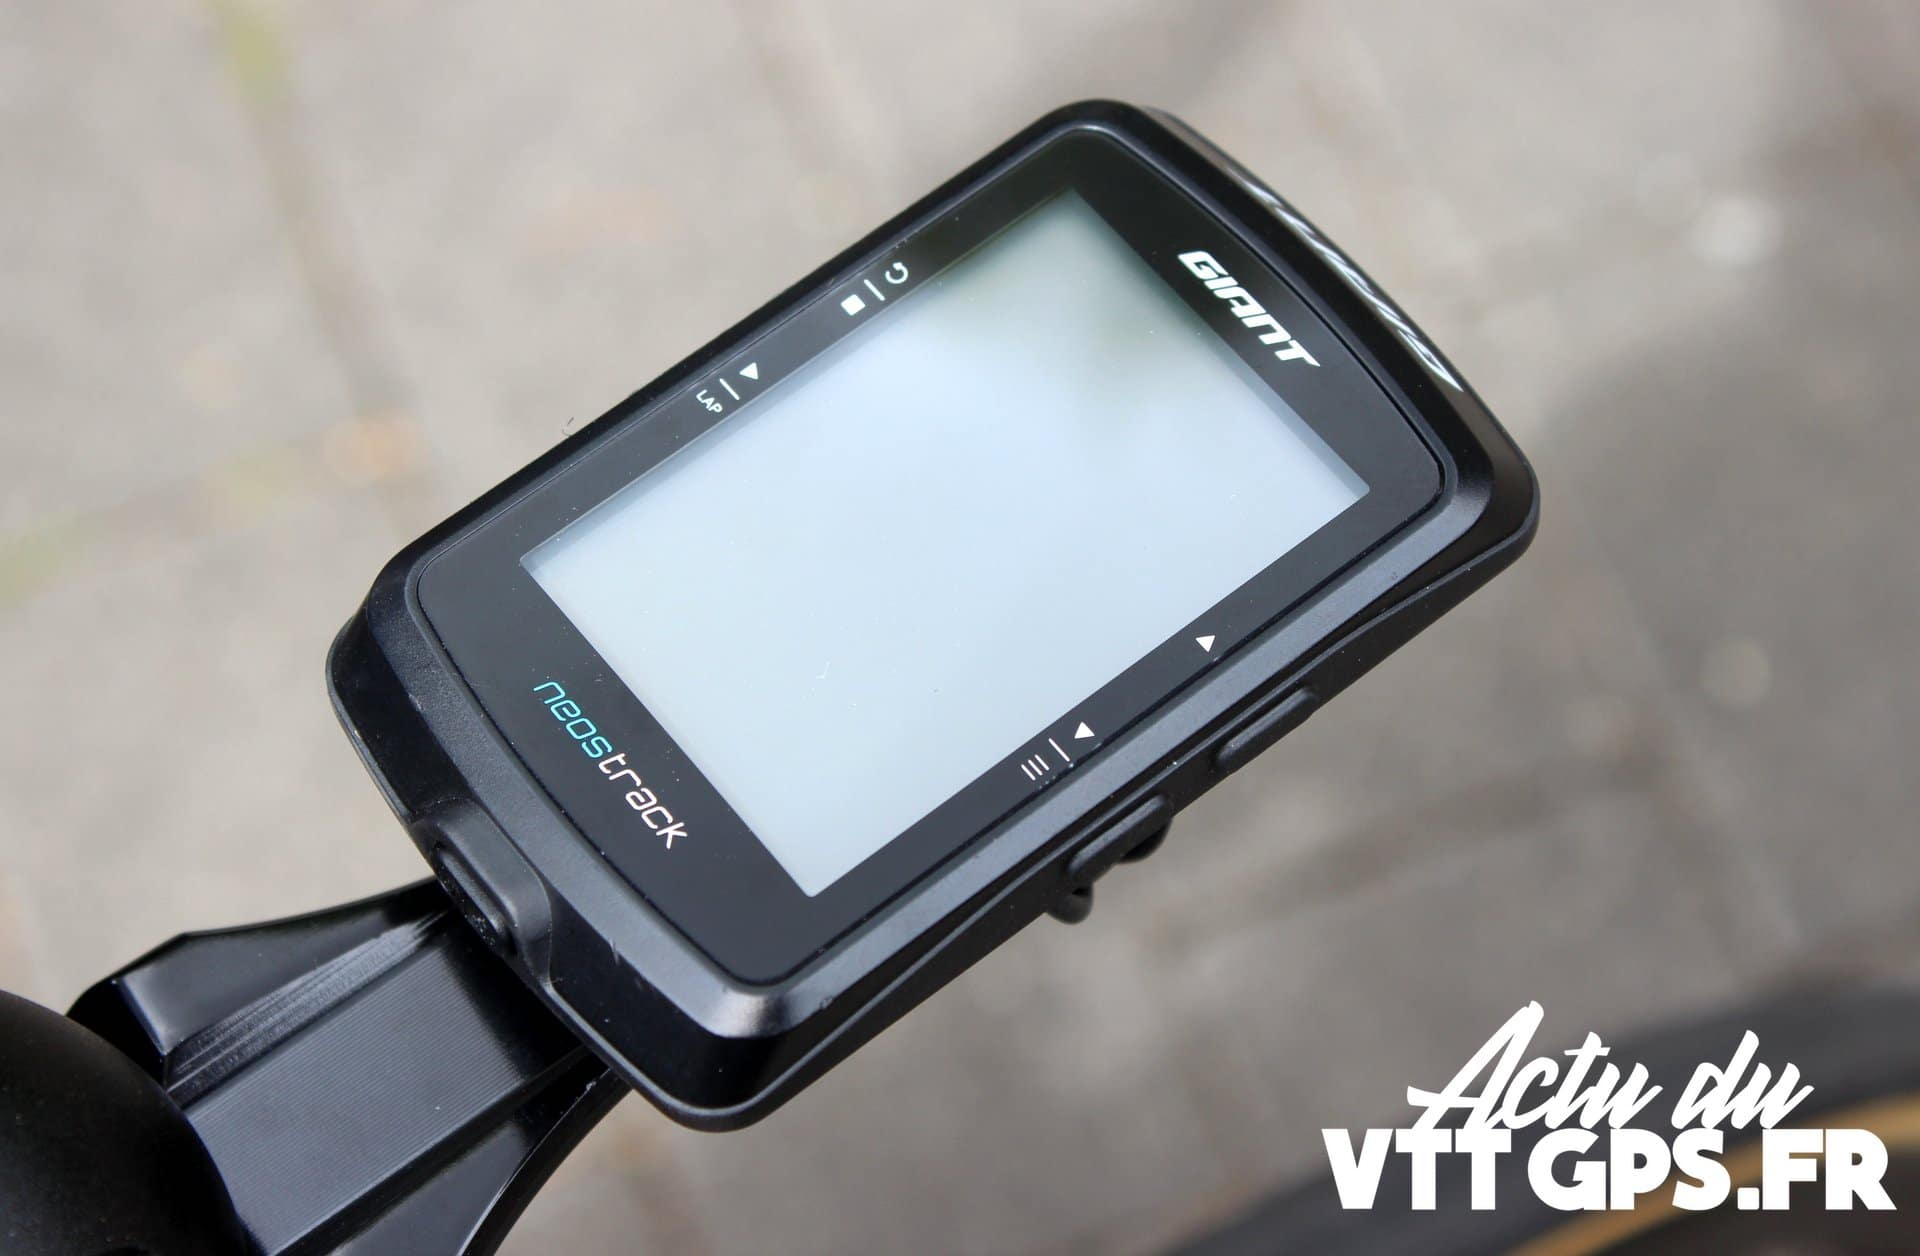 NOUVEAUTE – GIANT SE LANCE DANS LE GPS AVEC LE NEOSTRACK